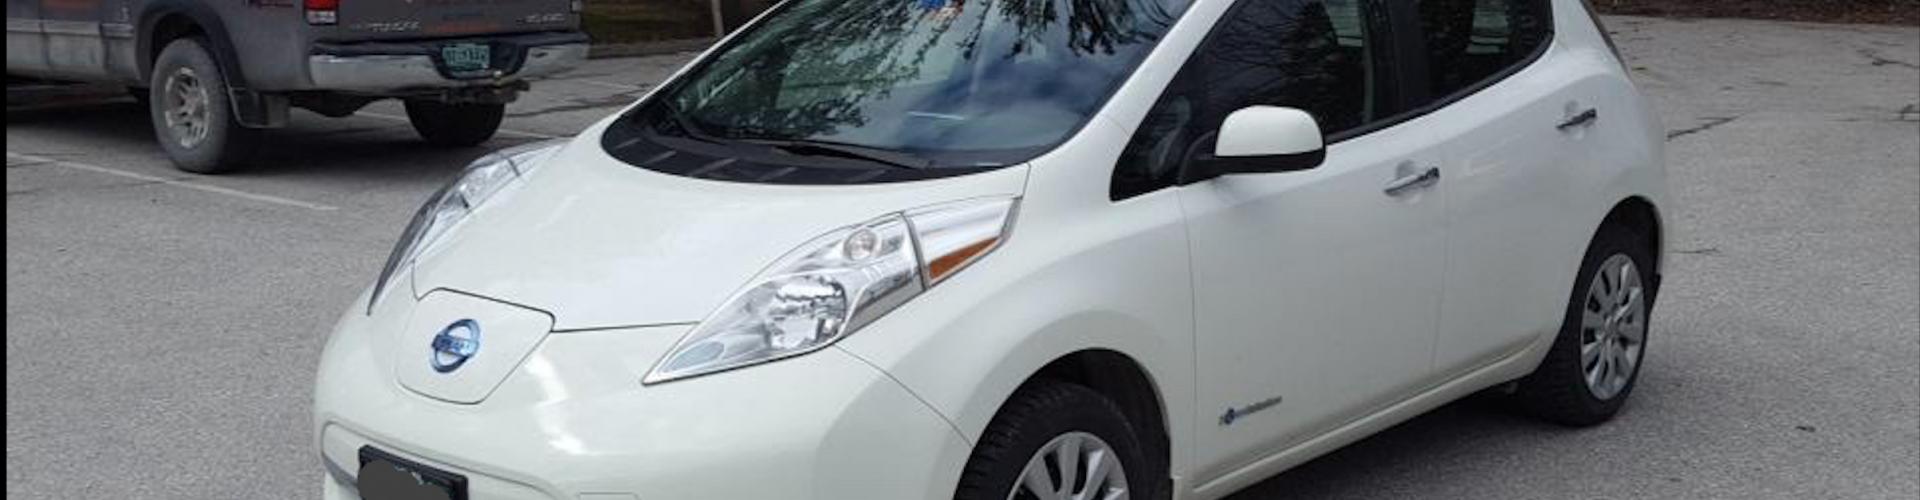 Nissan LEAF 2015 S+ 49 470  Km – Seulement 16 421 $ avec la subvention – VENDU